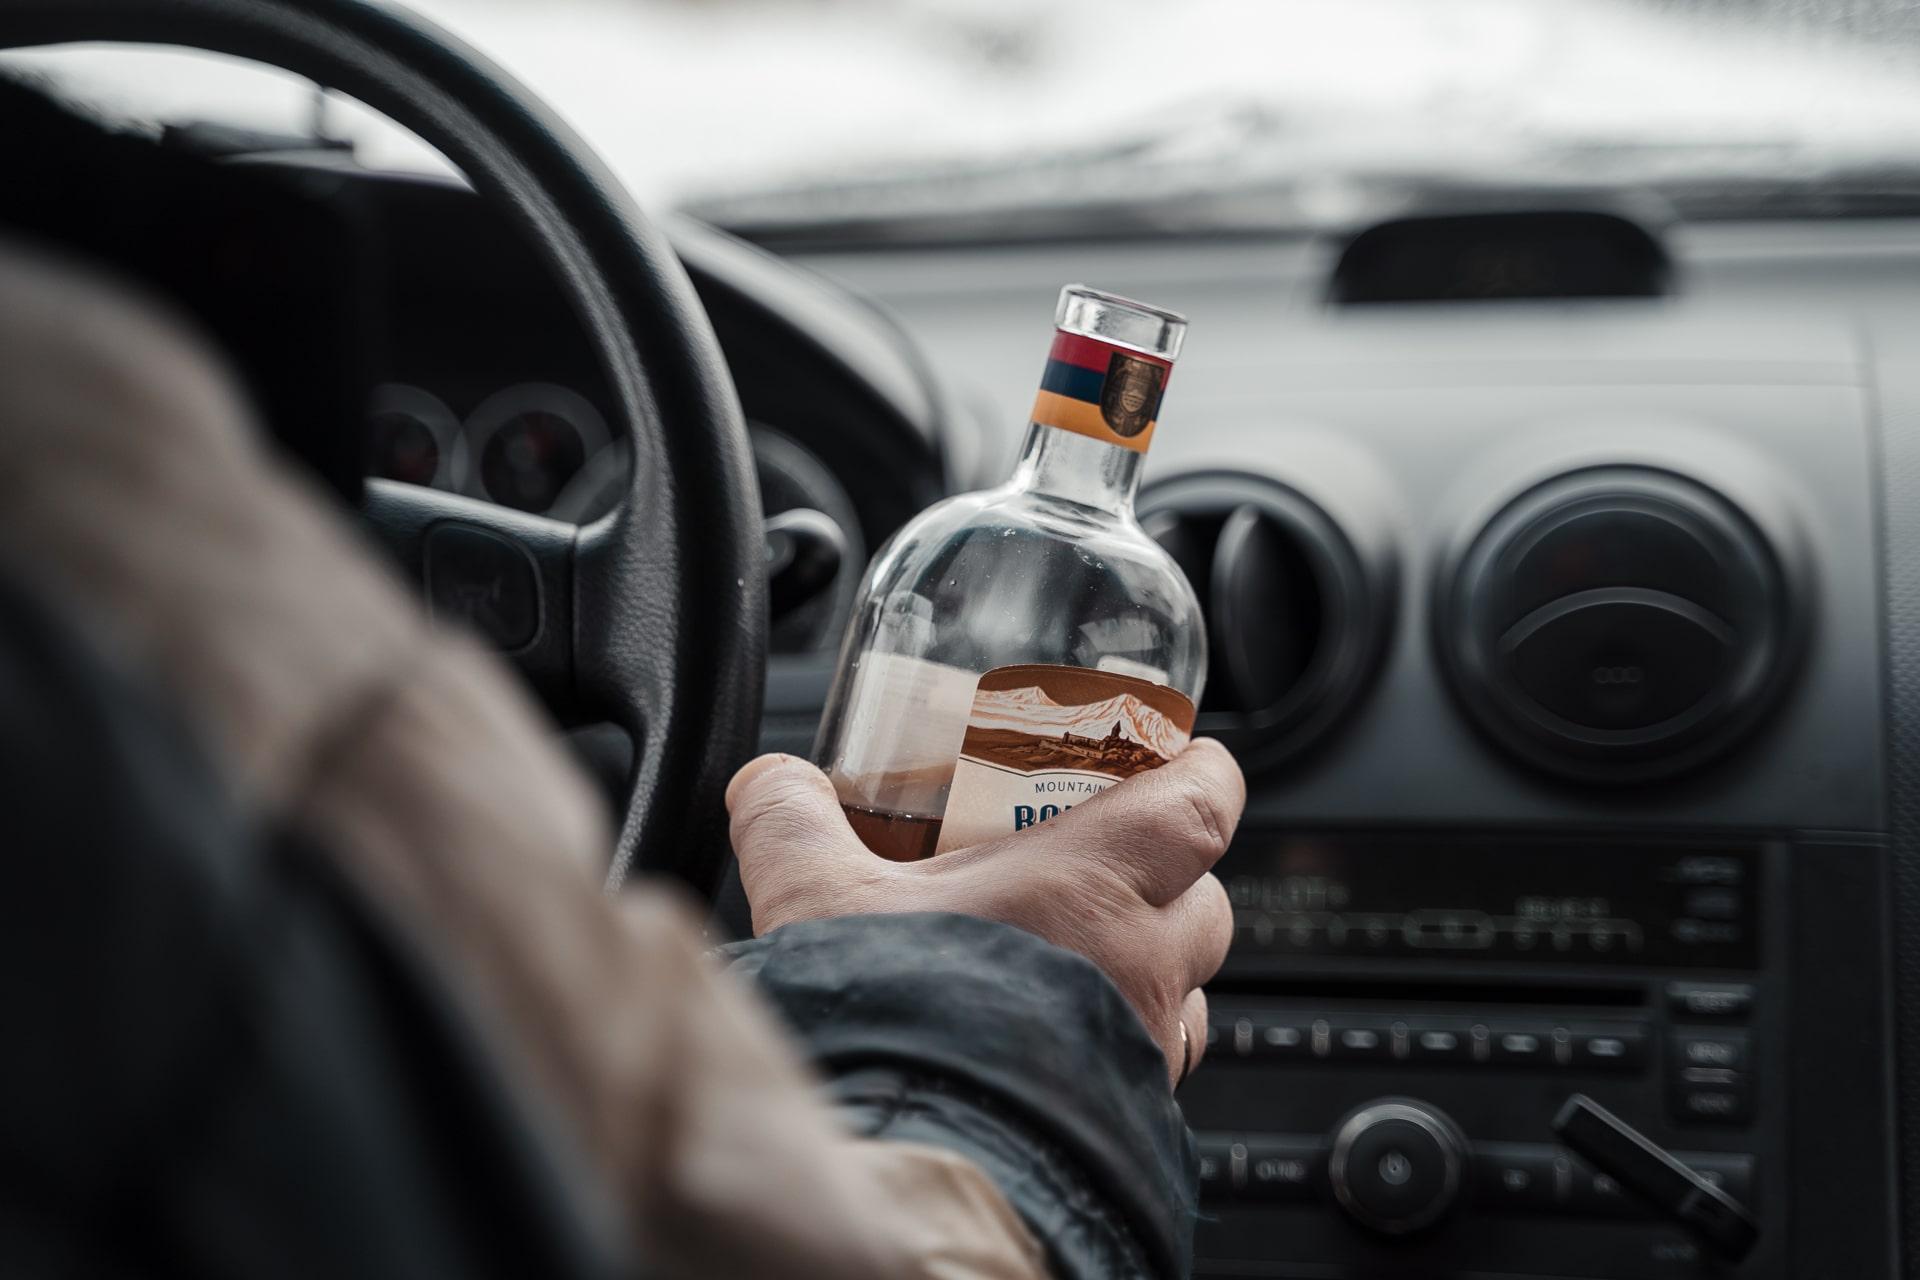 Пьяный житель Тверской области решил покататься на чужом автомобиле